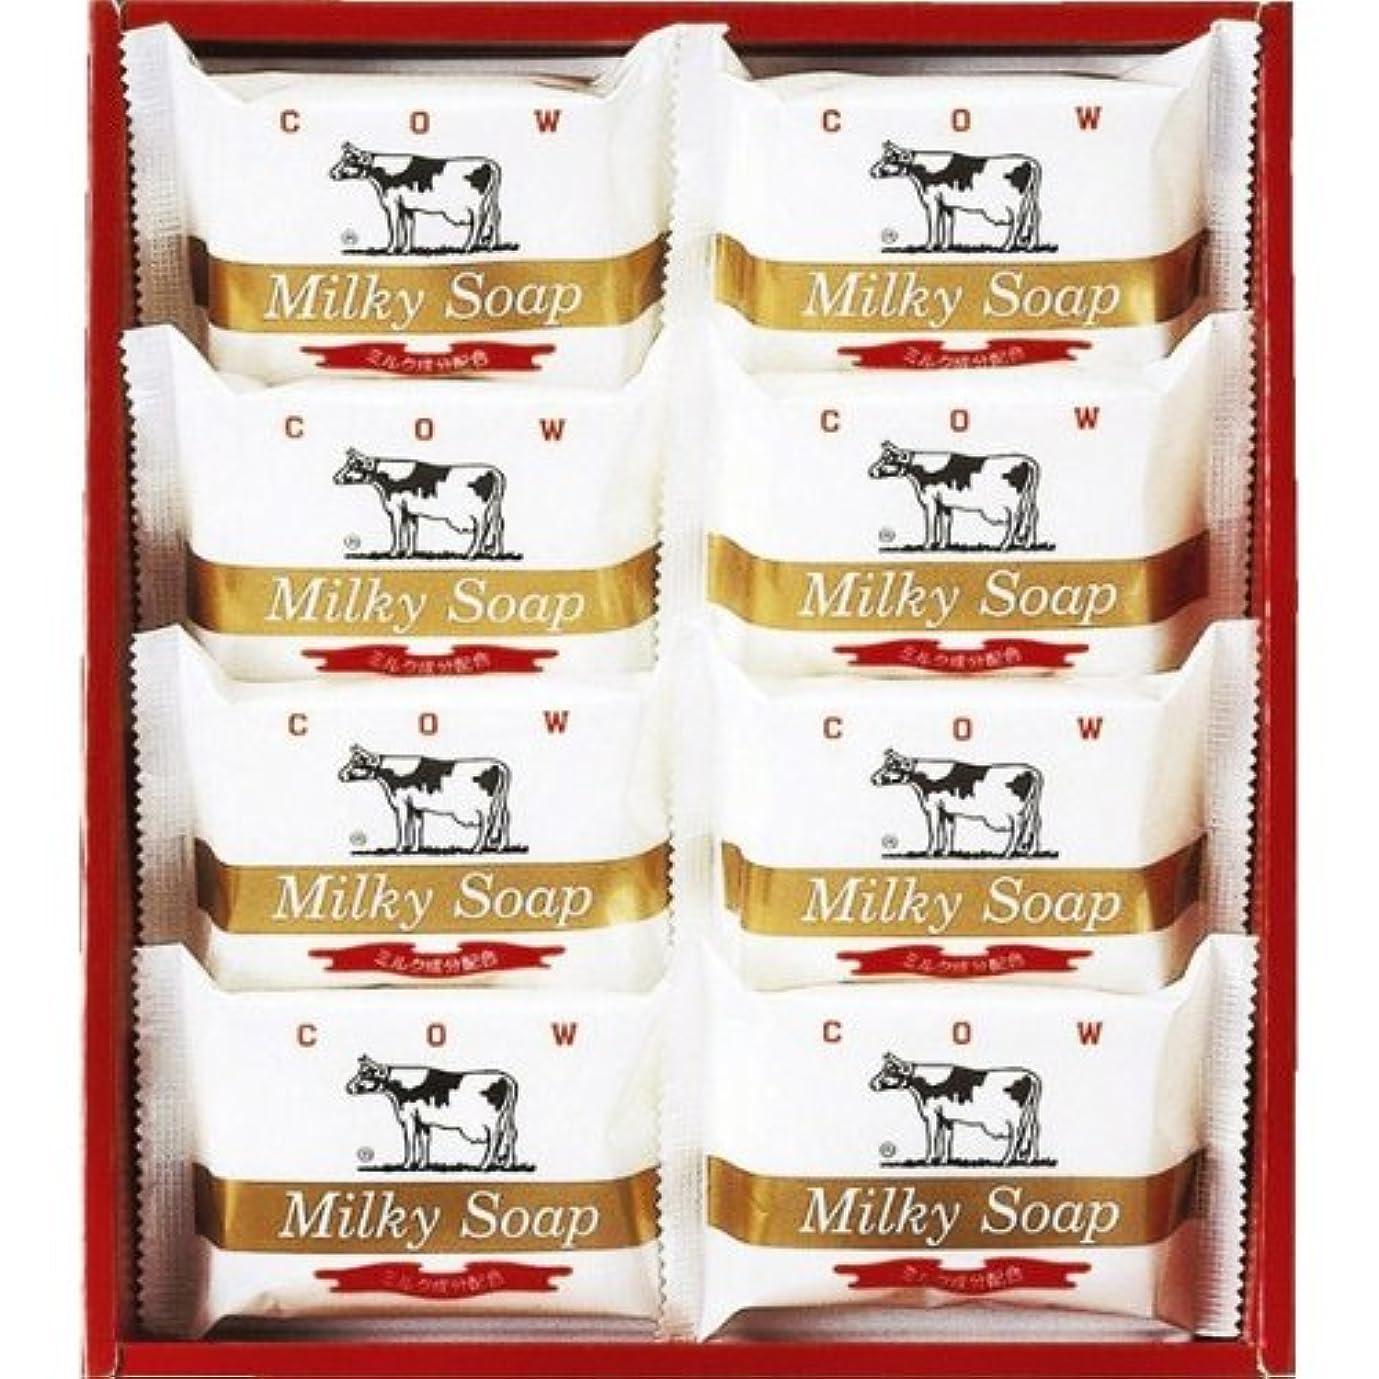 率直な想像力豊かな組み合わせ牛乳石鹸ゴールド◇ソープセット☆AG-10M (商品内訳:単品)